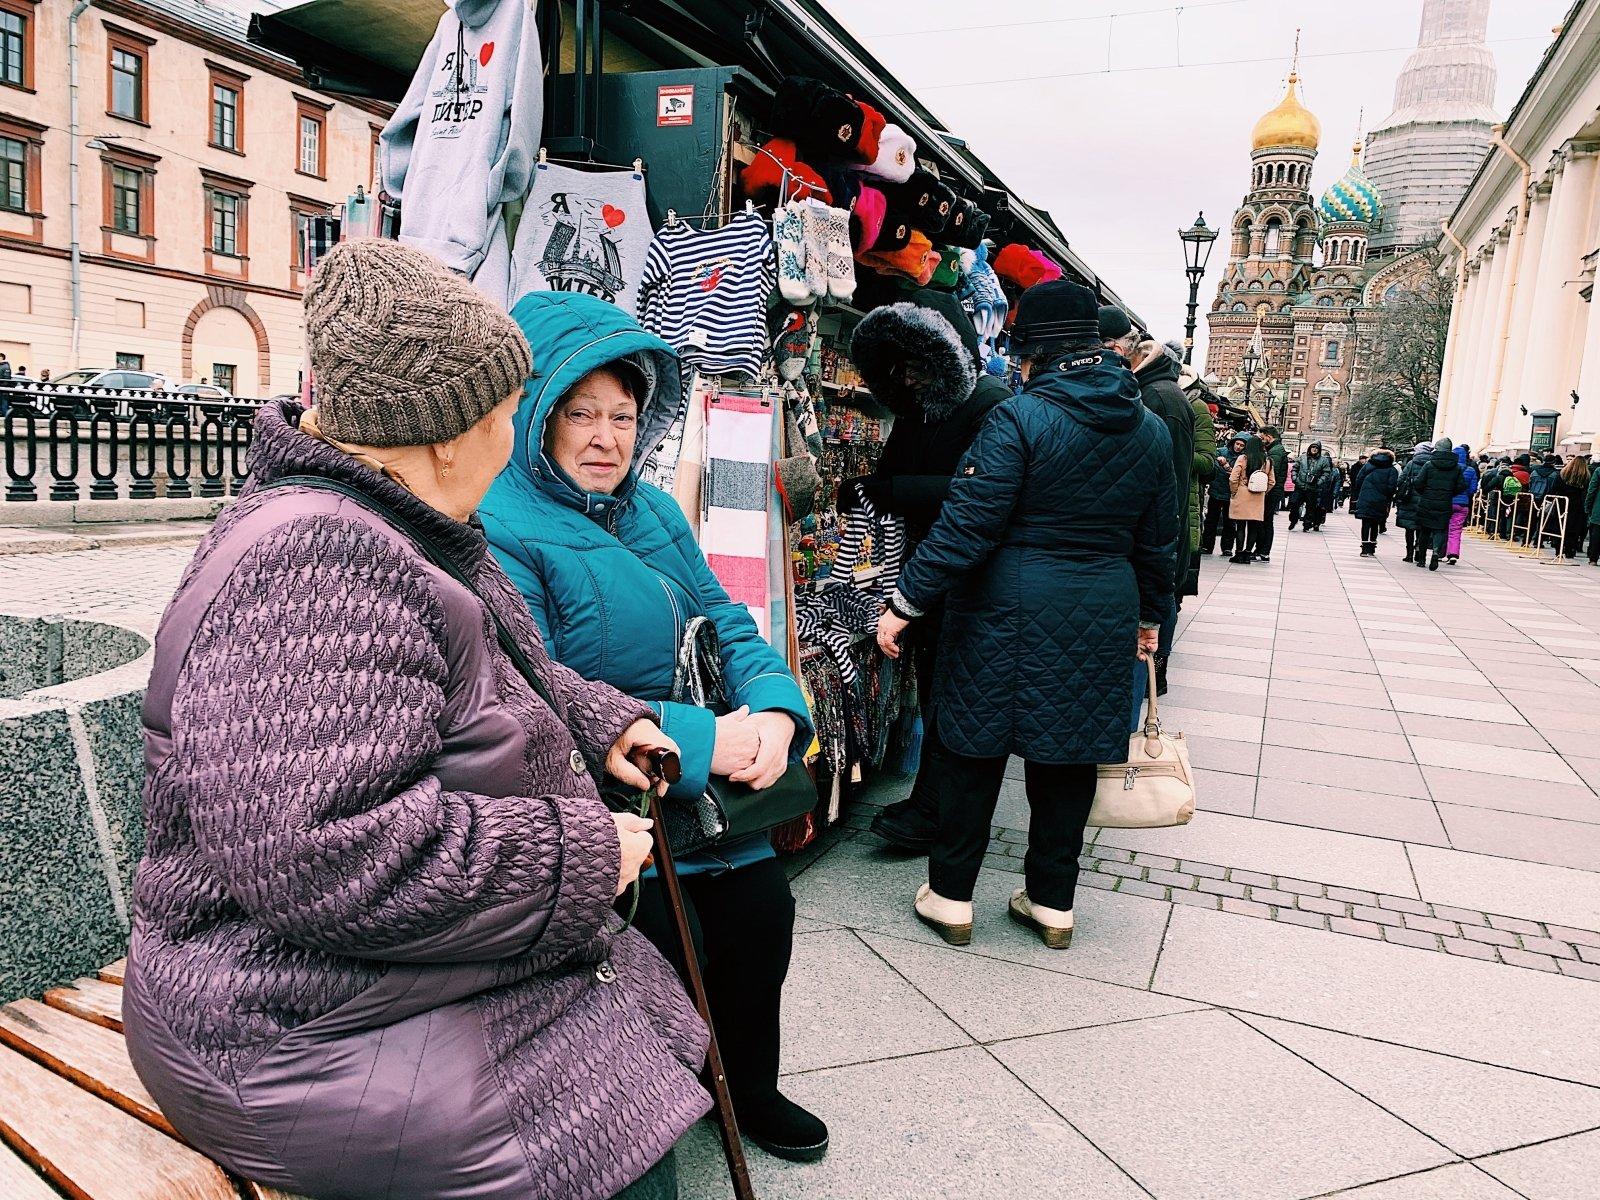 """Памятка для посещающих Санкт-Петербург """"без визы"""": вас могут высмеять, узнав, откуда вы приехали"""